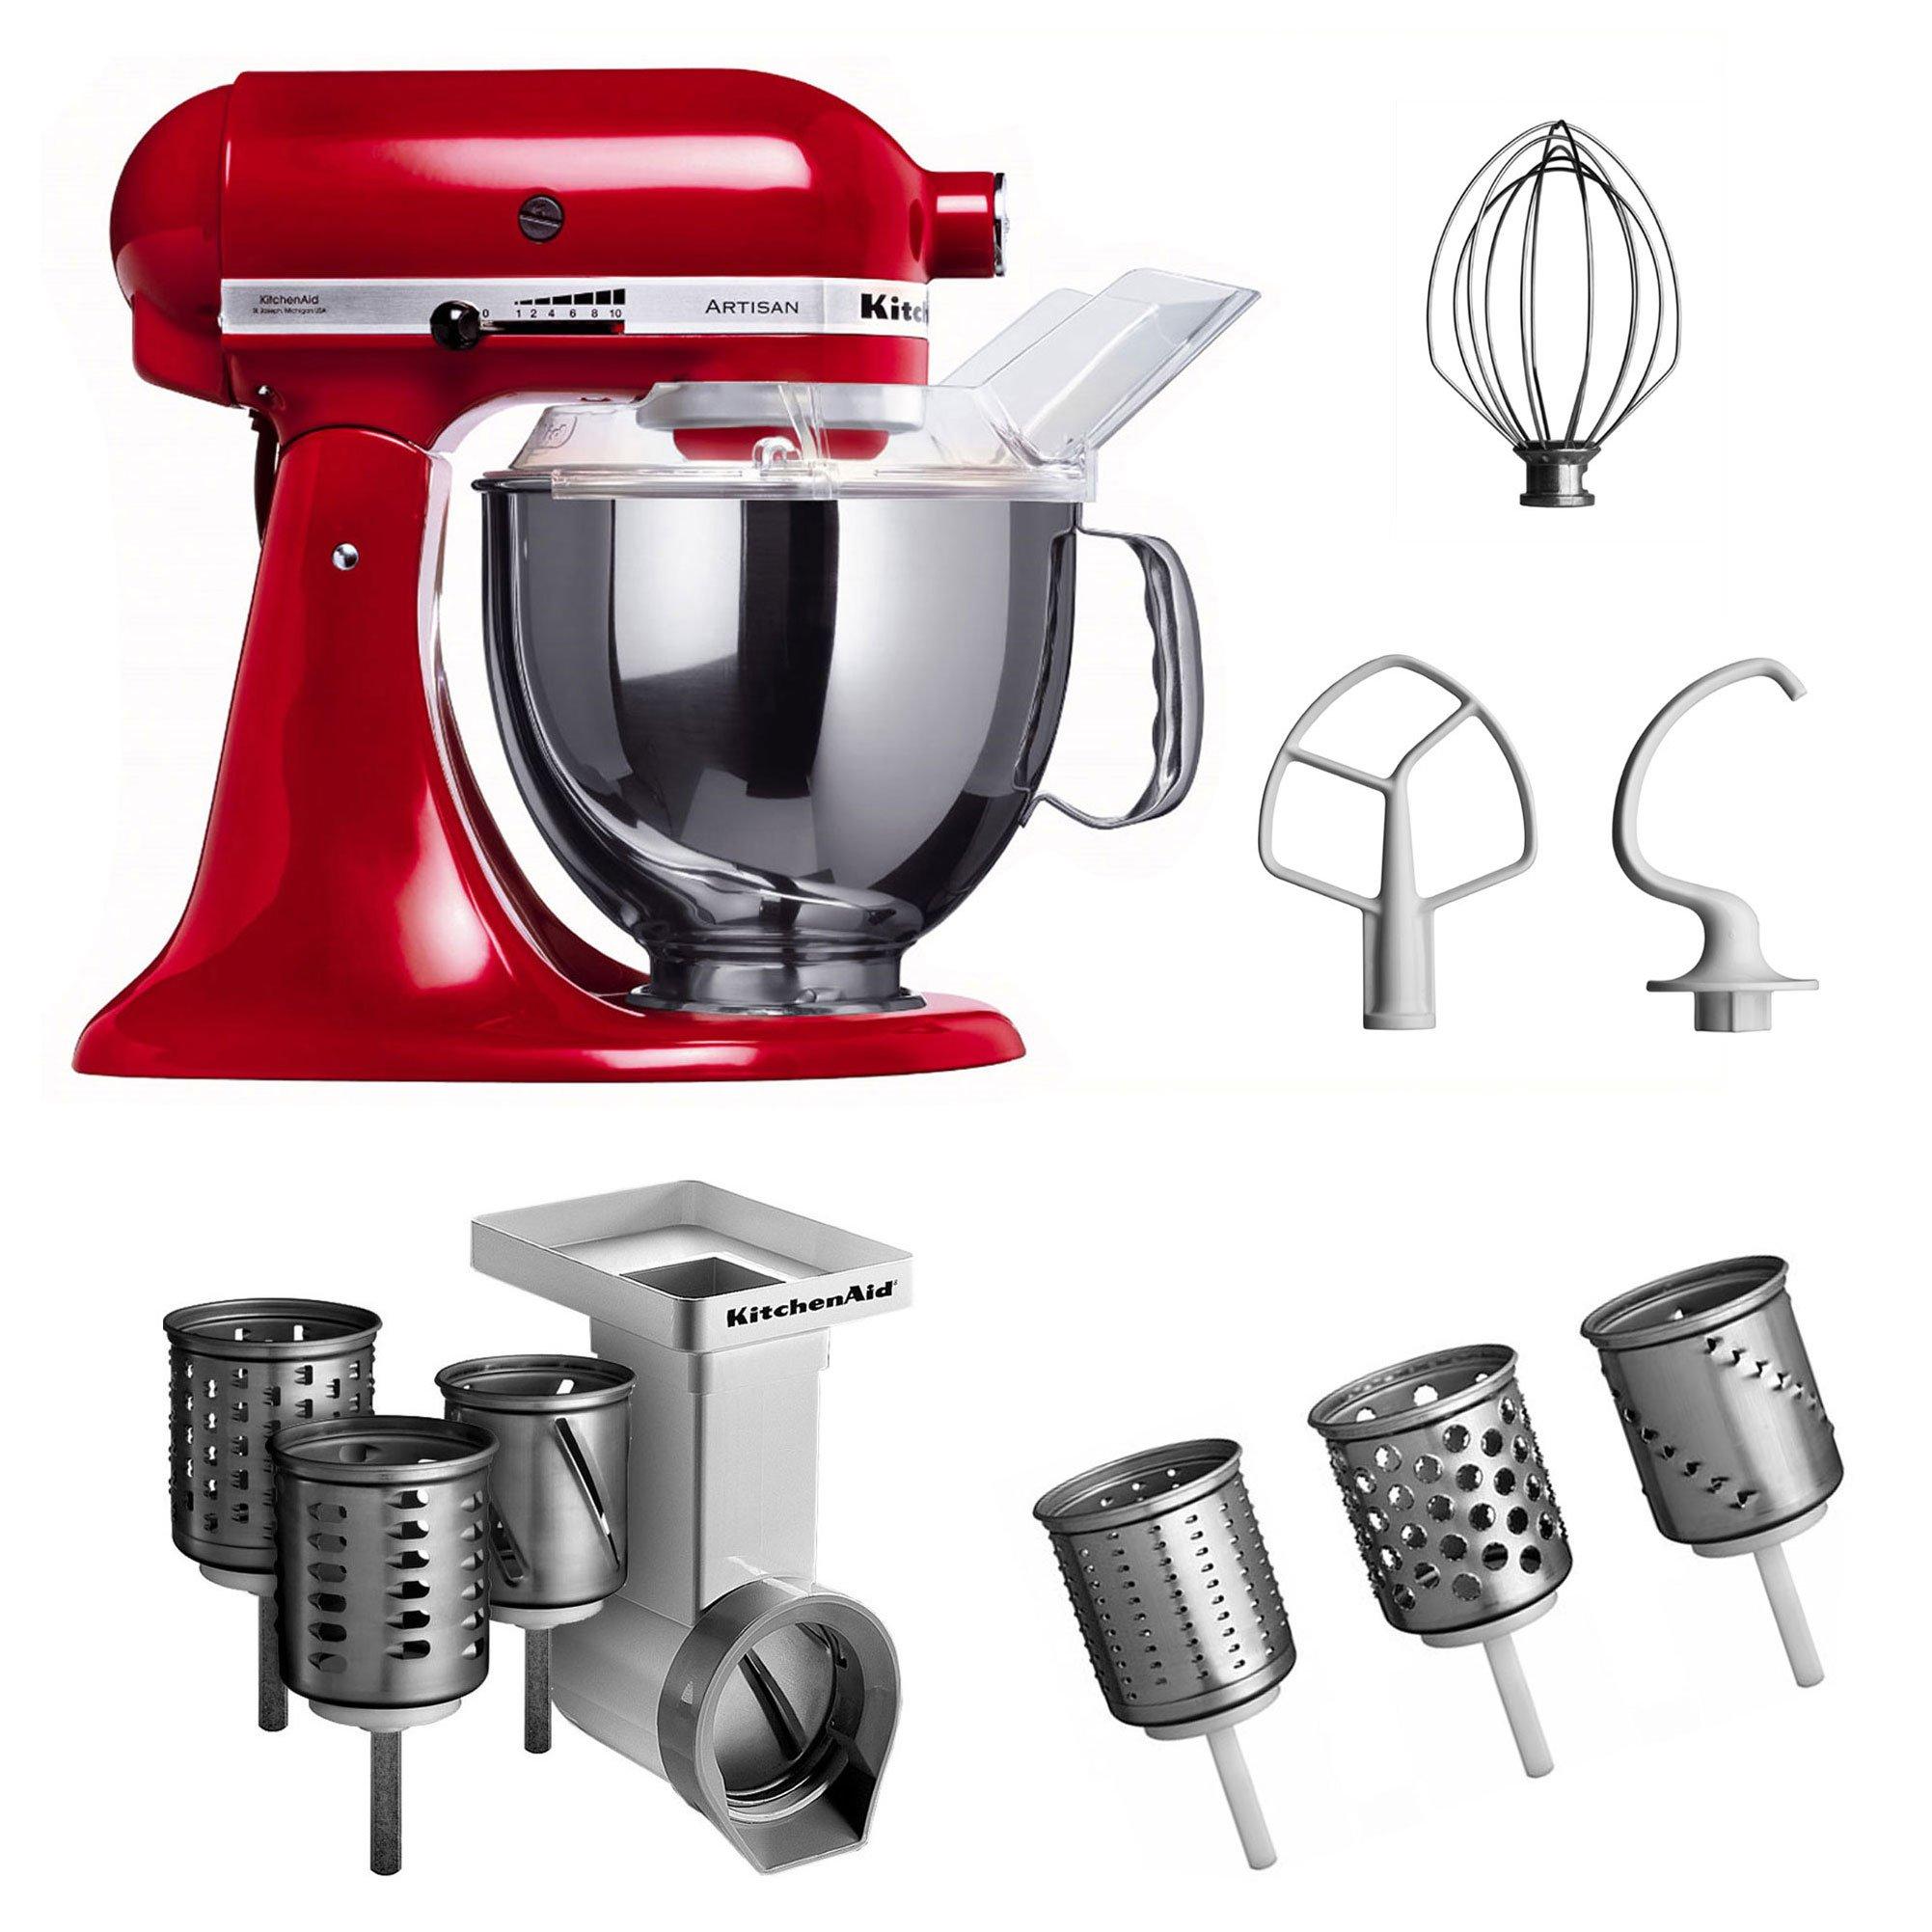 KitchenAid KSM150PSEER + MVSA + EMVSC - Robot de cocina y juego de accesorios, 3 piezas, color rojo [Importado de Alemania]: Amazon.es: Hogar